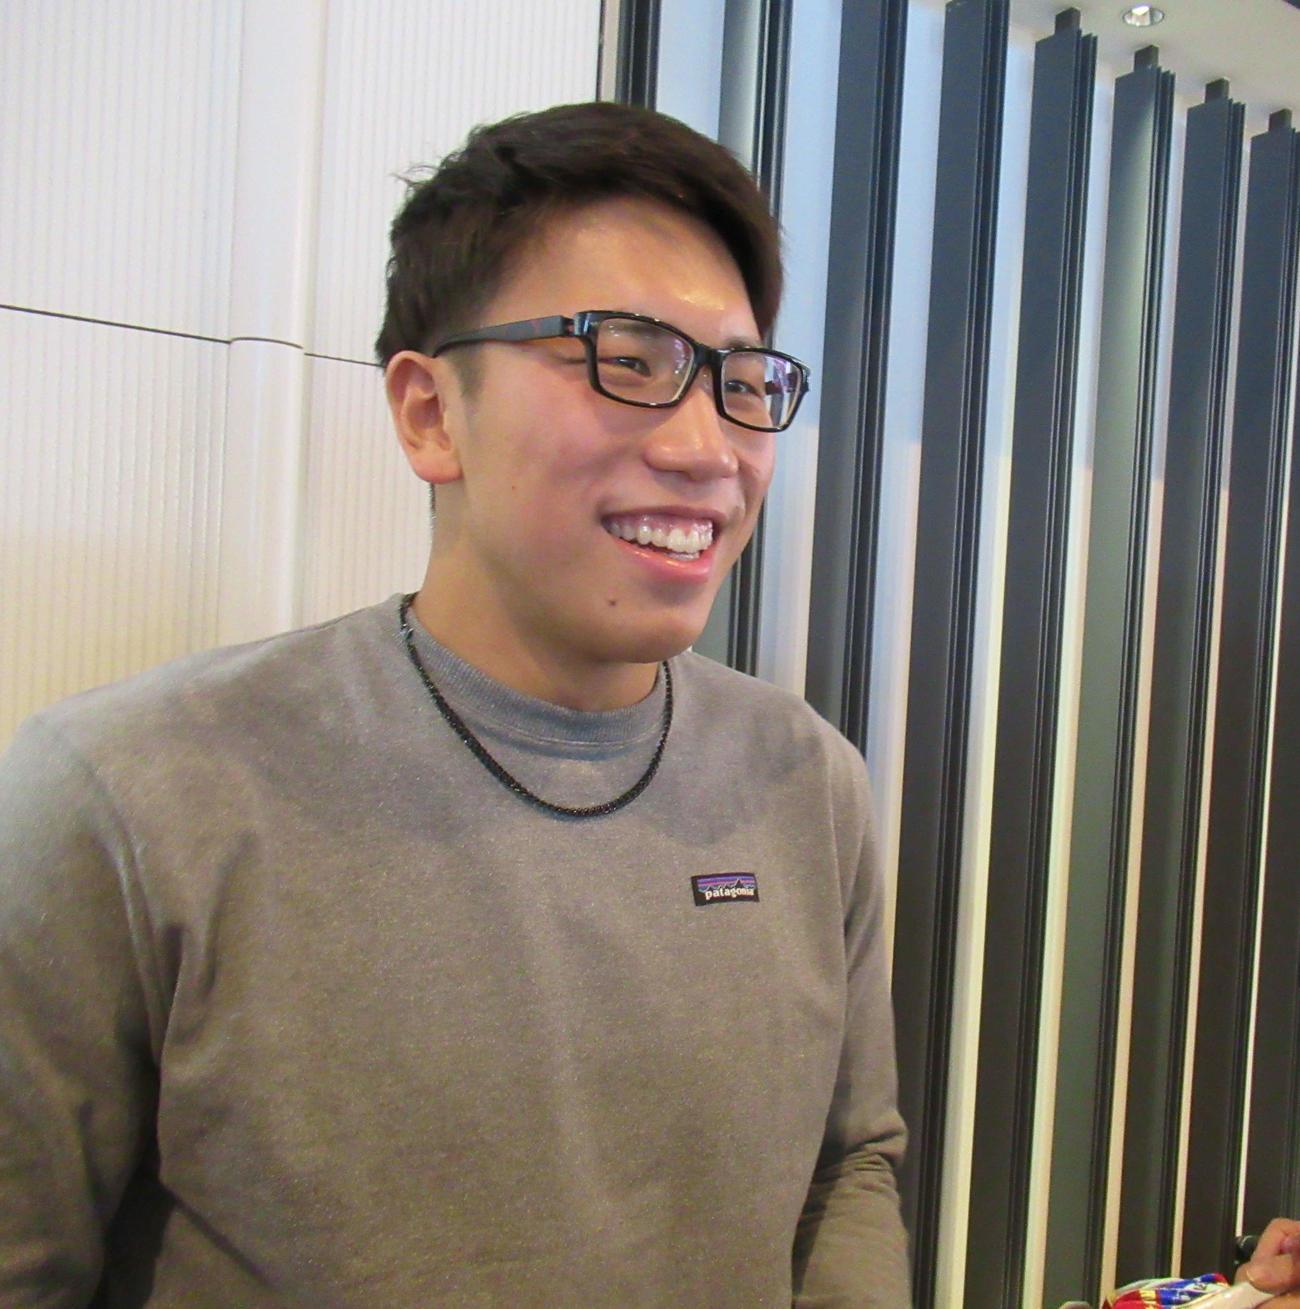 松元は、米高地合宿で「進化(か)つお」になることを宣言した(撮影・益田一弘)